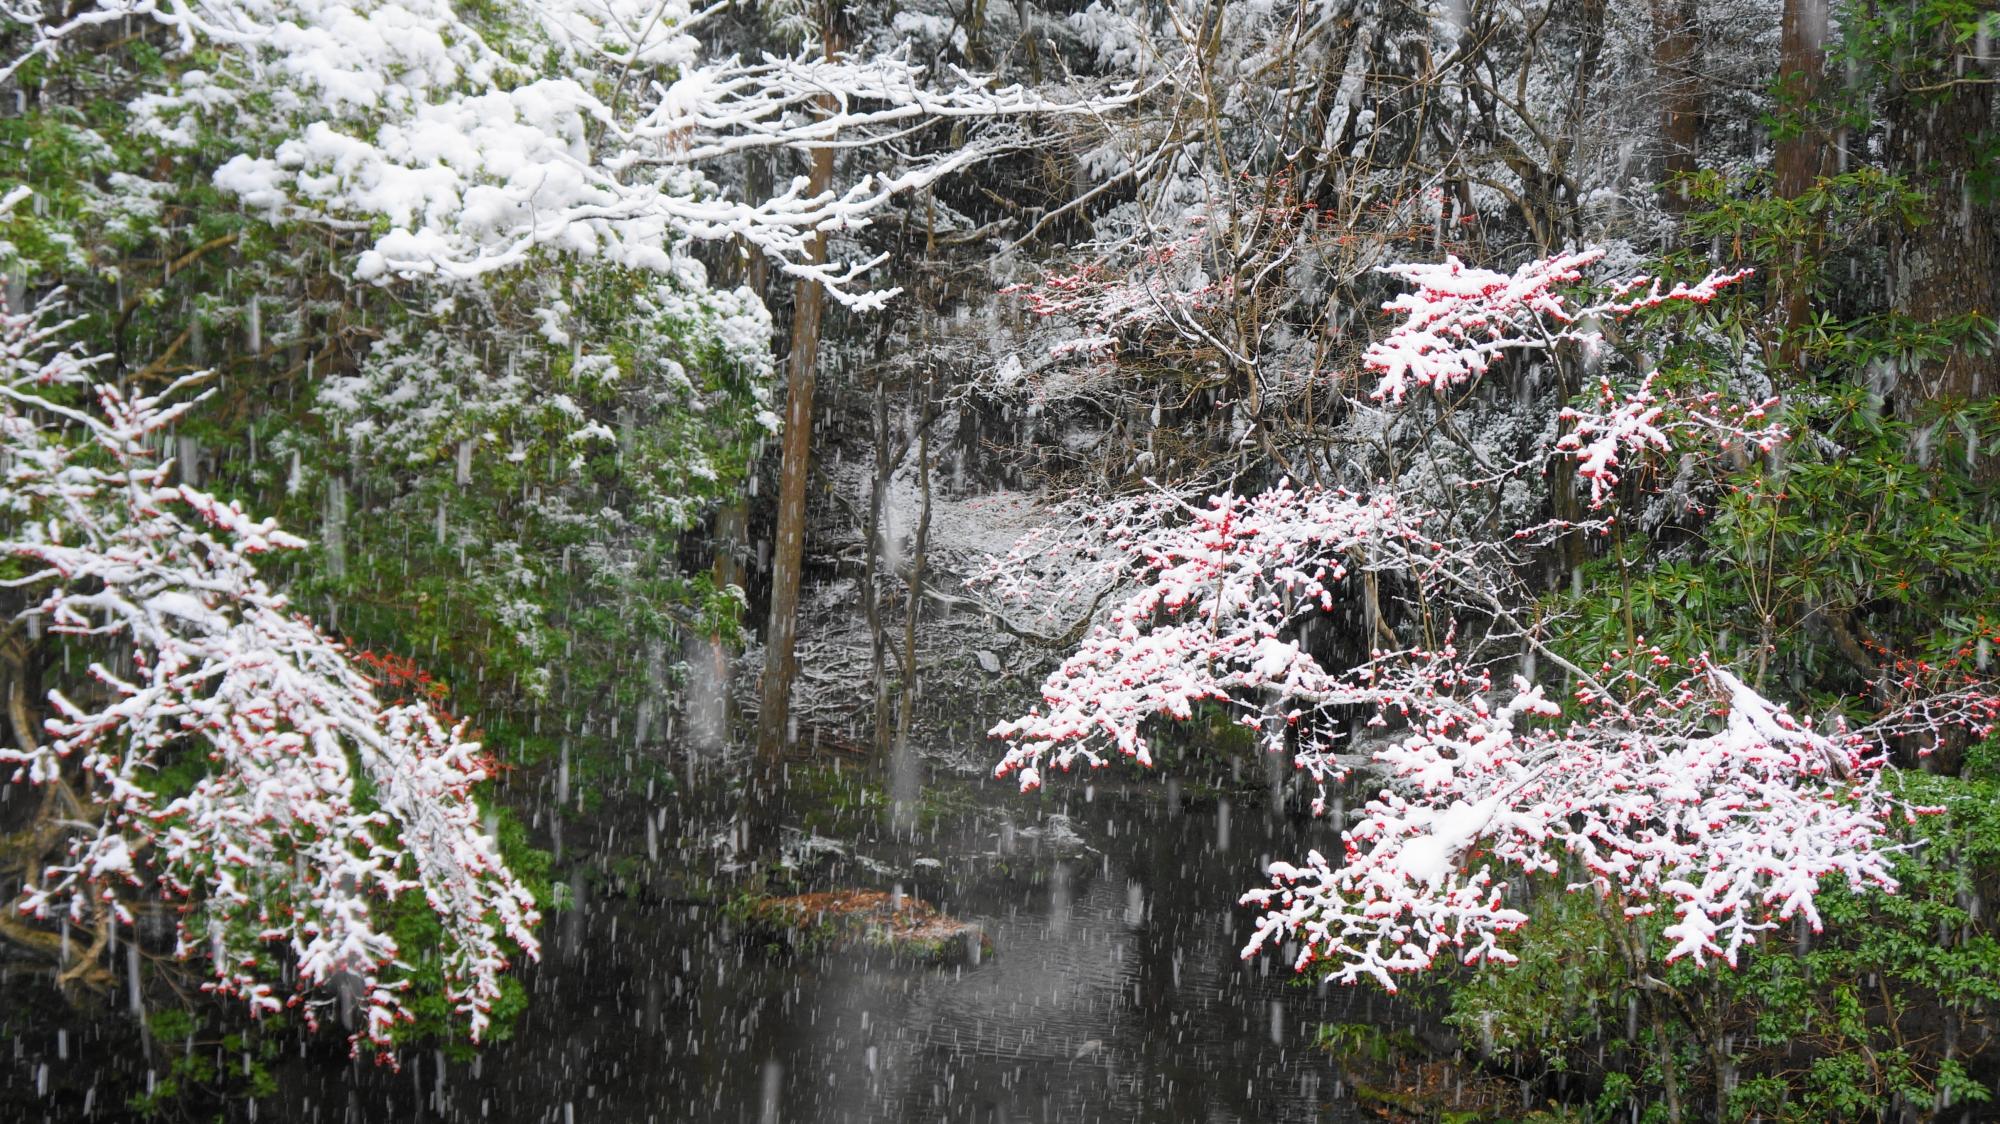 雪の積もっていない部分の緑と雪の白の綺麗なコントラスト